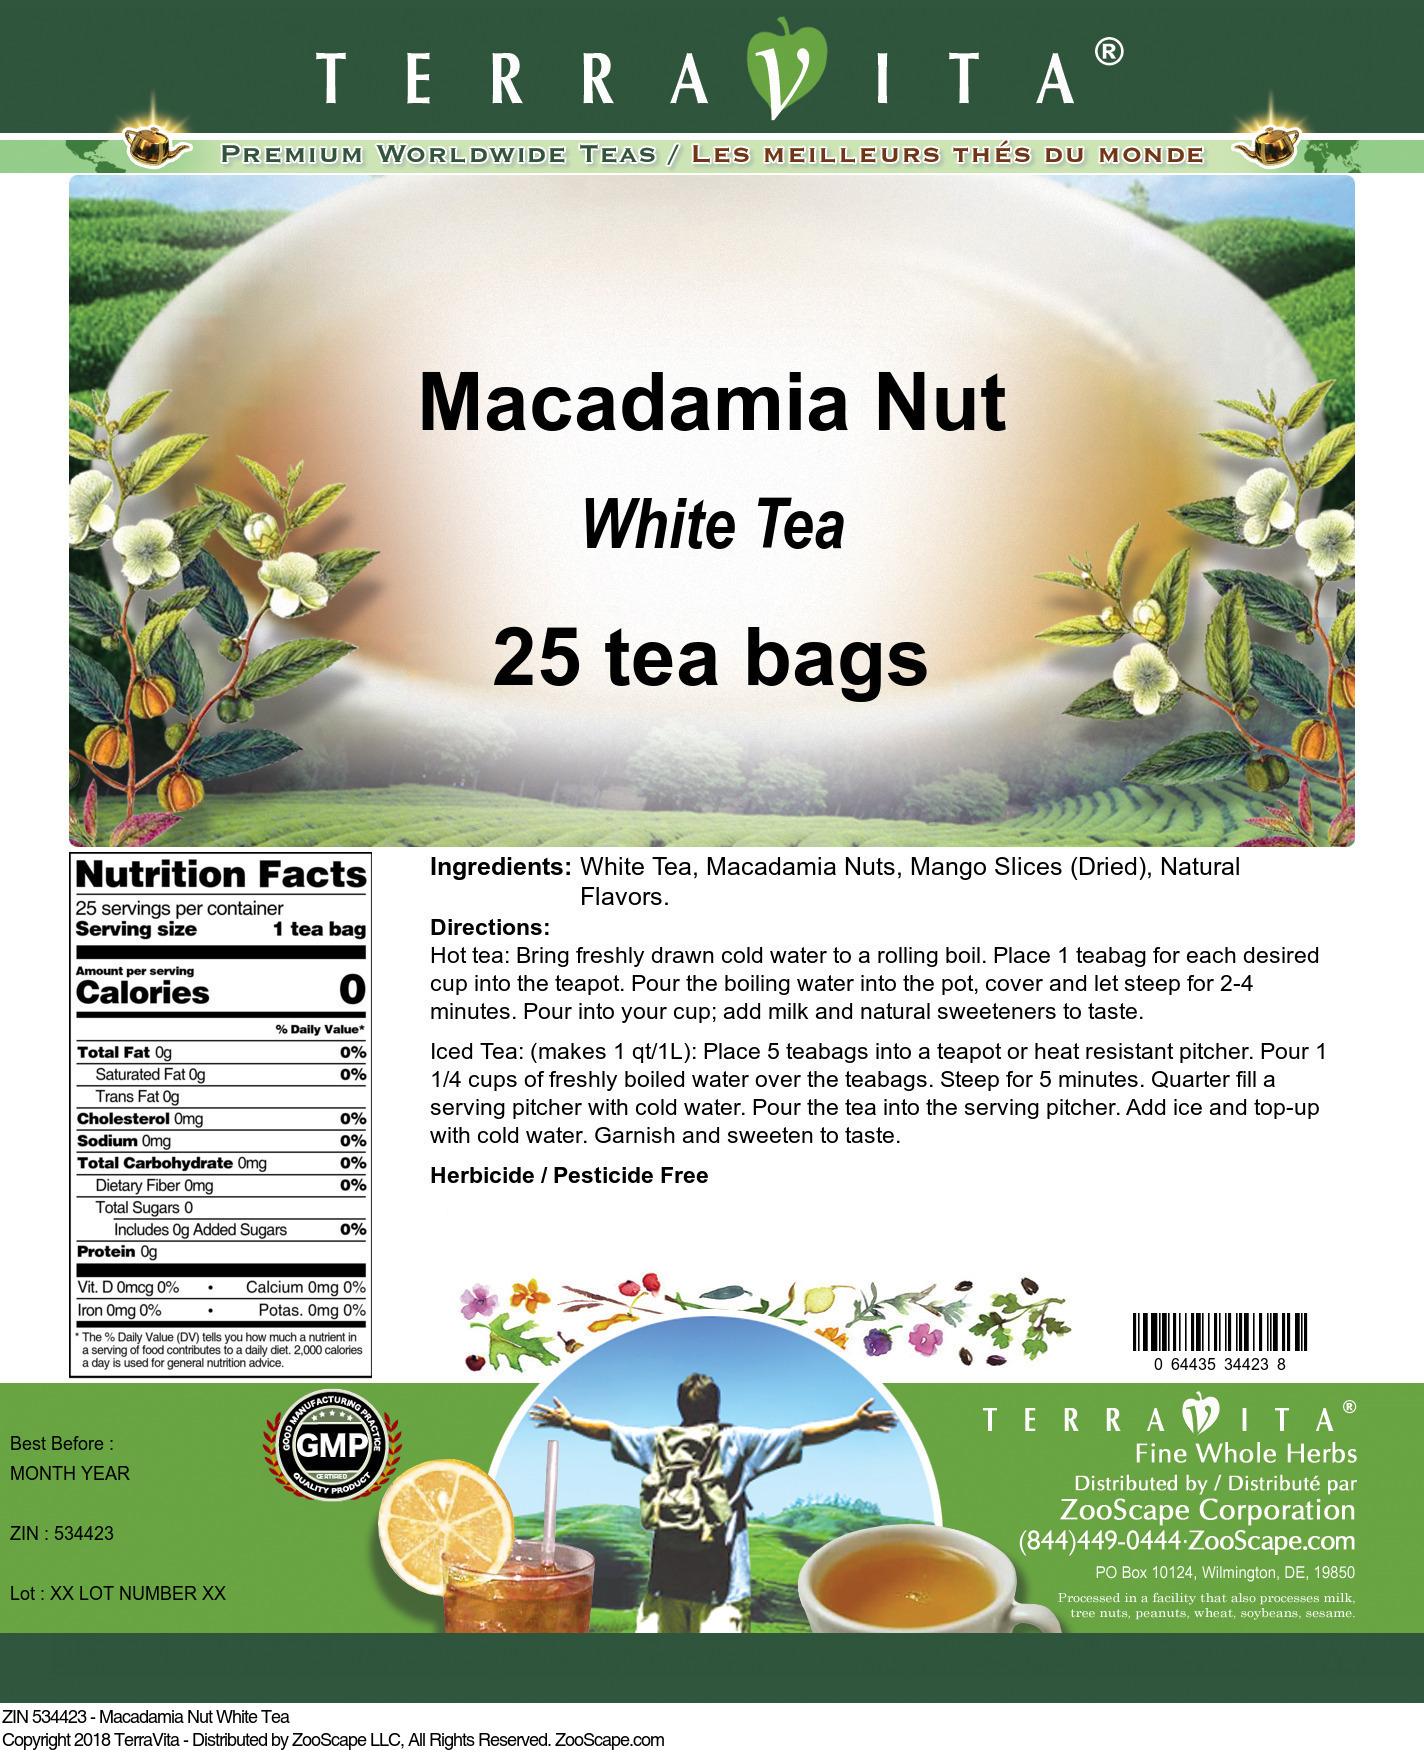 Macadamia Nut White Tea